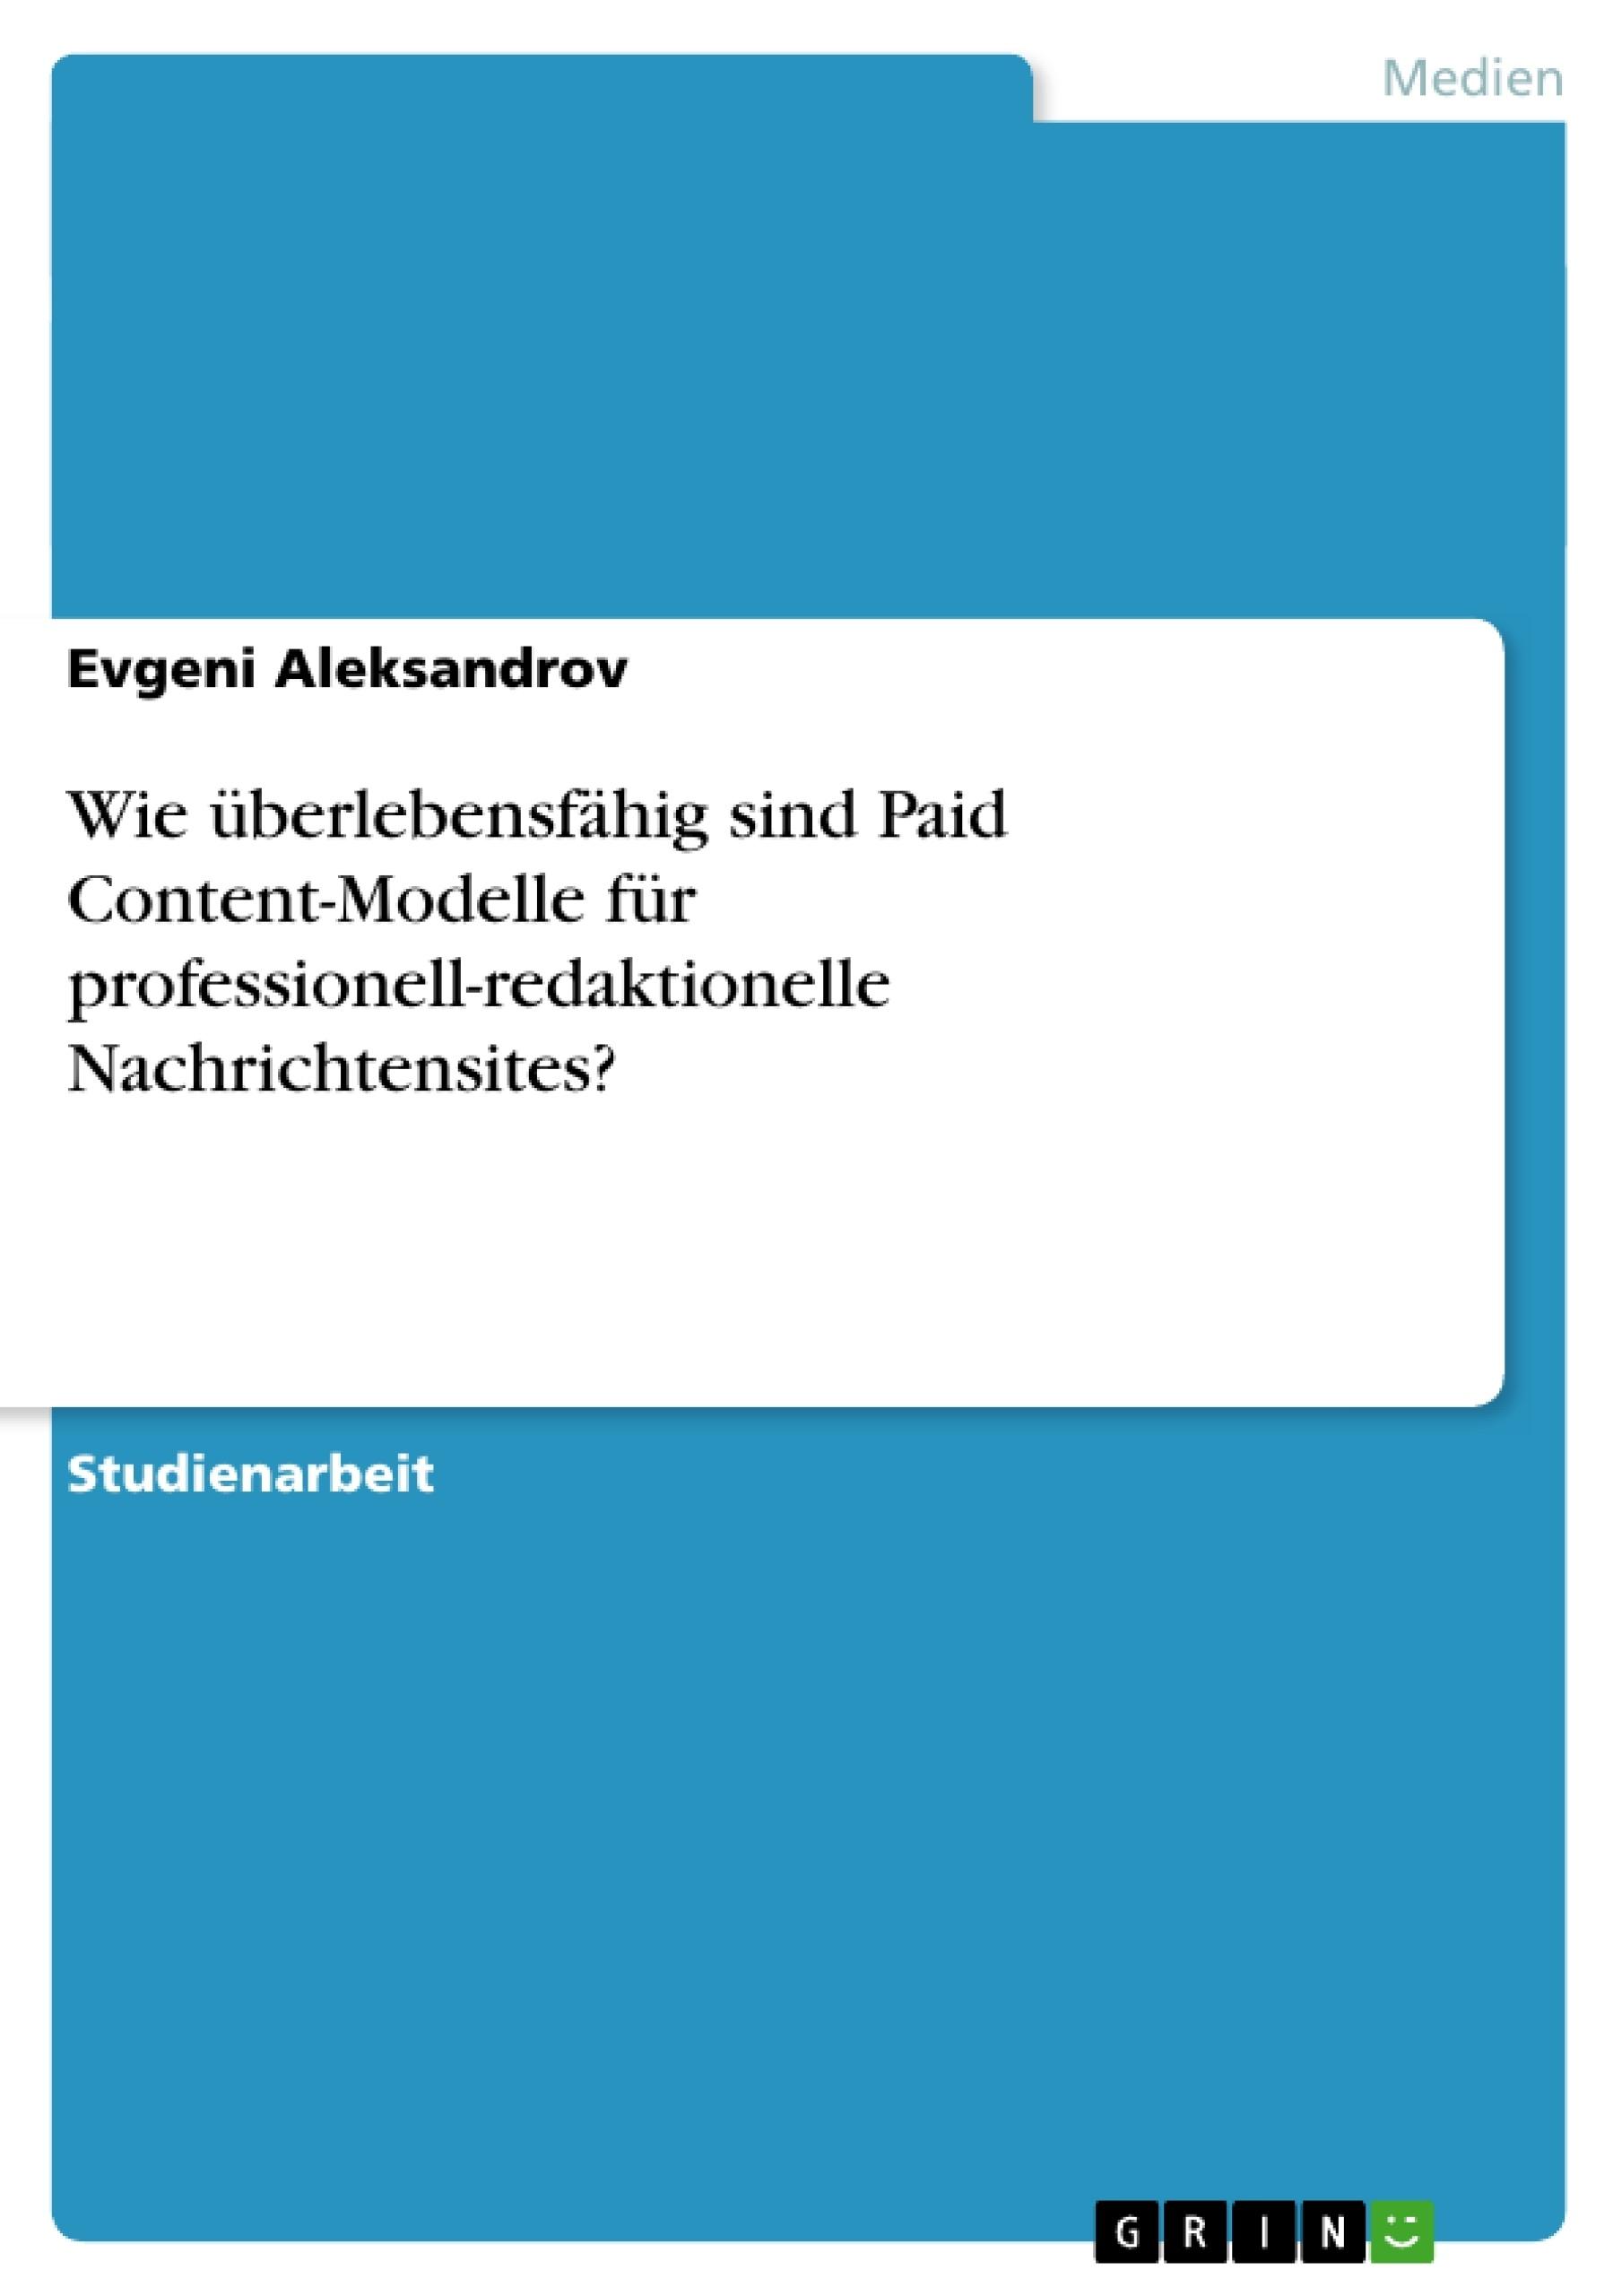 Titel: Wie überlebensfähig sind Paid Content-Modelle für professionell-redaktionelle Nachrichtensites?